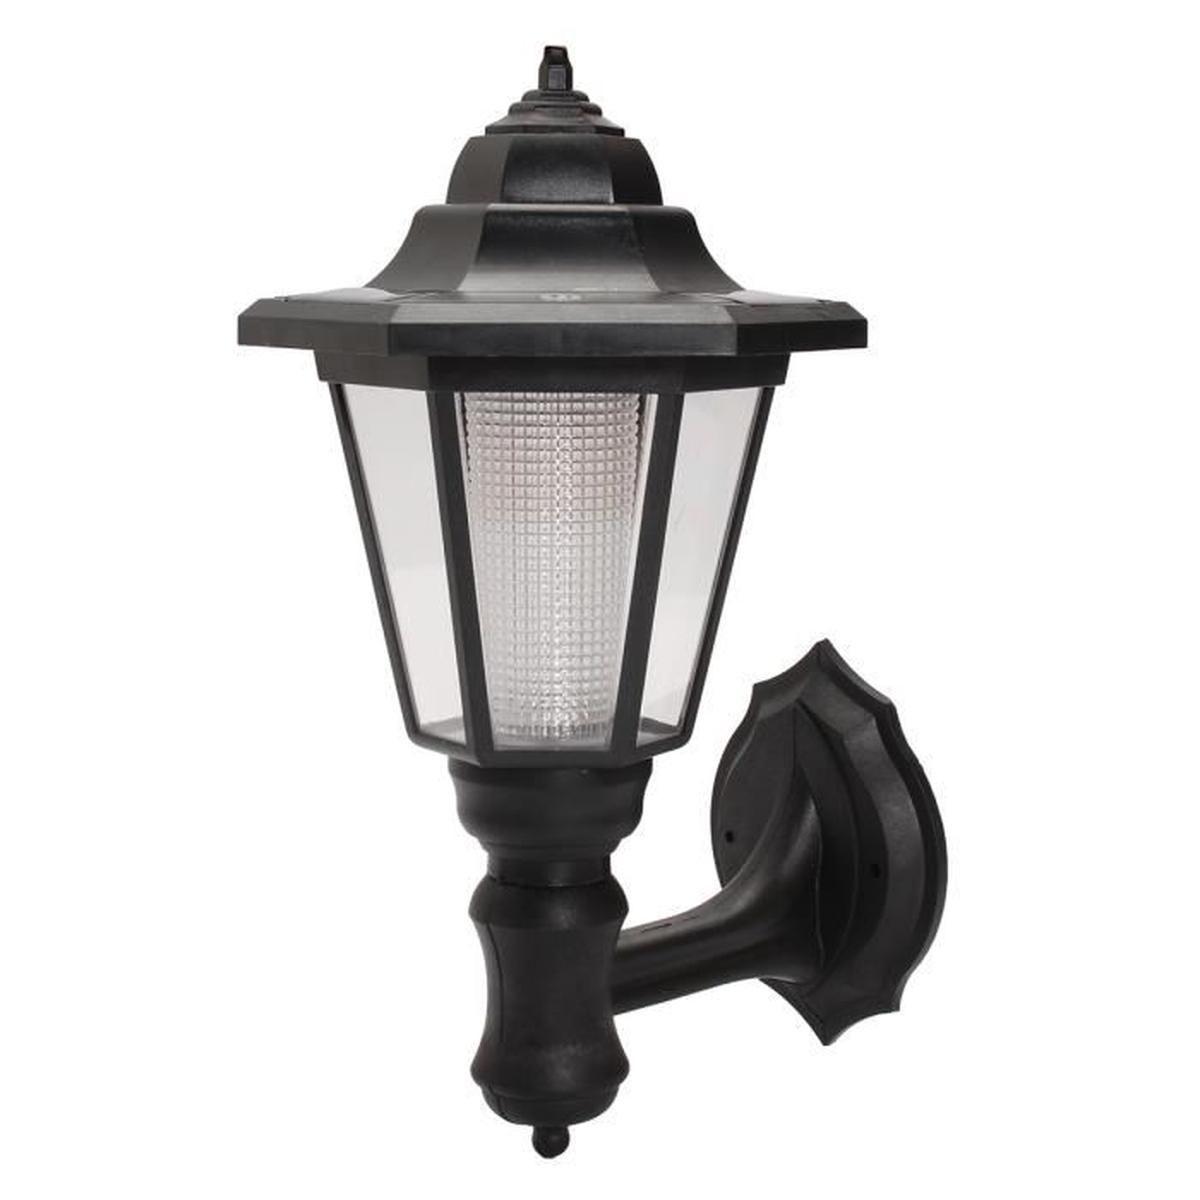 Lampe Solaire Led Imperméable Applique Murale Pour Paysage ... dedans Pile Pour Lampe Solaire De Jardin